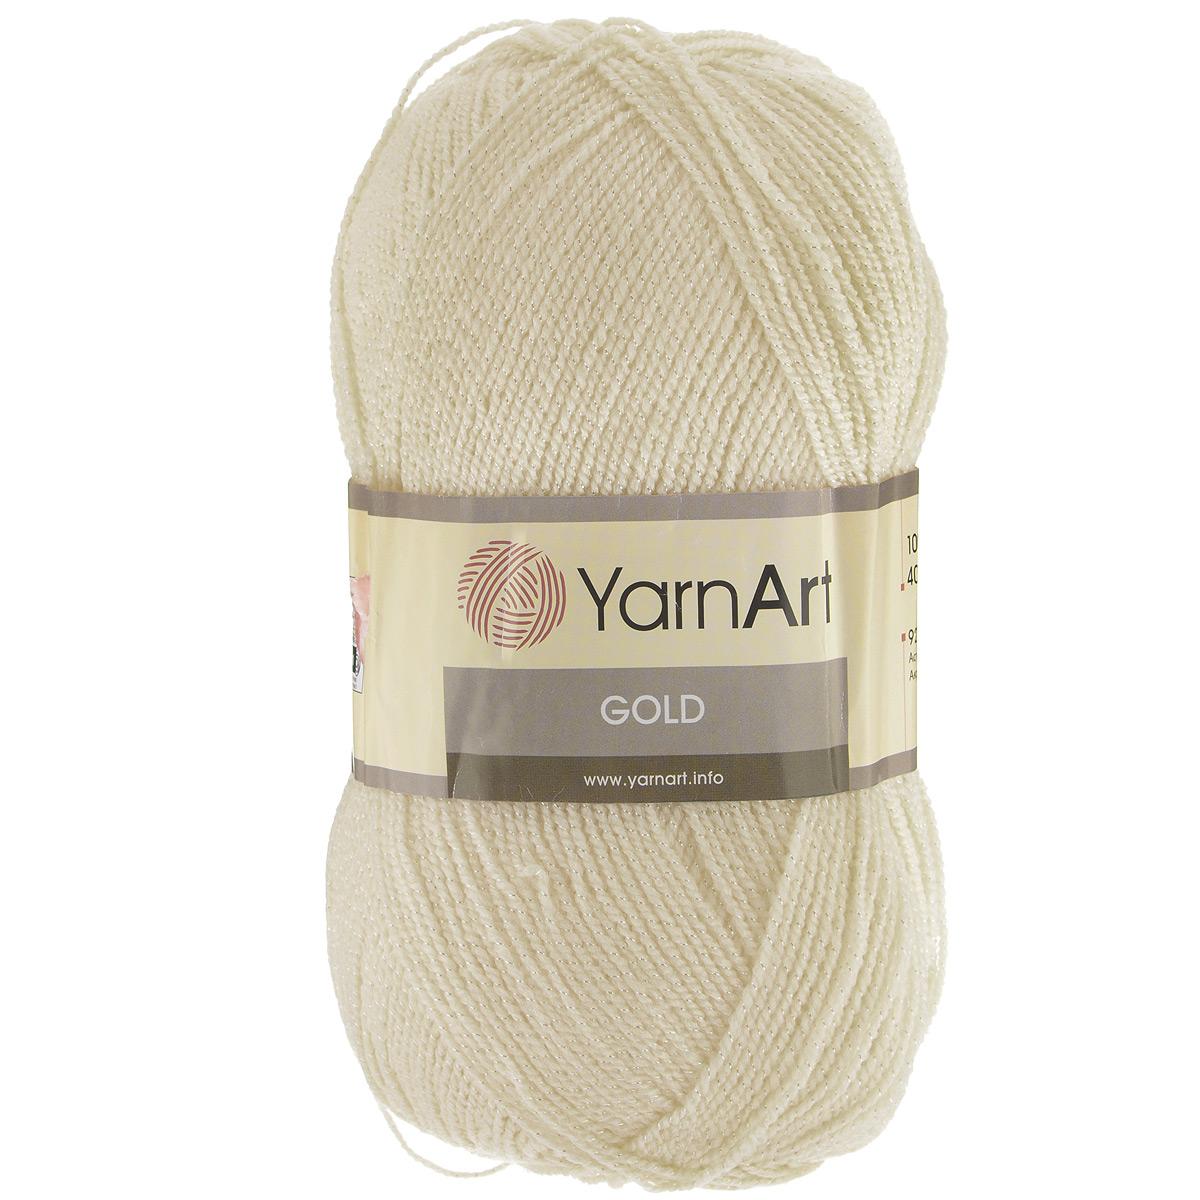 Пряжа для вязания YarnArt Gold, цвет: шампань (9383), 400 м, 100 г, 5 шт372007_9383Мерцающая нитка с люрексом для вязания эффектных вещей, тонкая, мягкая, нежная, приятная на ощупь. Пряжа окрашена равномерно с помощью стойких высококачественных красителей, нить плотно скручена, люрекс не выбивается в процессе вязания, петли ложатся равномерно. YarnArt Gold - декоративная пряжа с широкой цветовой палитрой, предназначенная для демисезонной одежды. Акрил защищает готовое изделие от закошлачивания, деформации после стирки и сушки. Нить гибкая и эластичная, хорошо тянется, превосходно сохраняет форму после носки. Изысканная пряжа для создания вечерних нарядов выглядит дорого и стильно. Кроме традиционного золотистого и серебристого, люрекс предлагается в тон нити - синий, зеленый, бежевый и т.д. Таким образом, блеск получается ненавязчивым, гармоничным, приятным глазу. YarnArt Gold выглядит красиво в болеро, свитерах, палантинах, шалях, шапках, шарфах, перчатках, гетрах, а также нарядных детских платьях, кофтах. Рекомендуется для вязания на спицах 2,75...